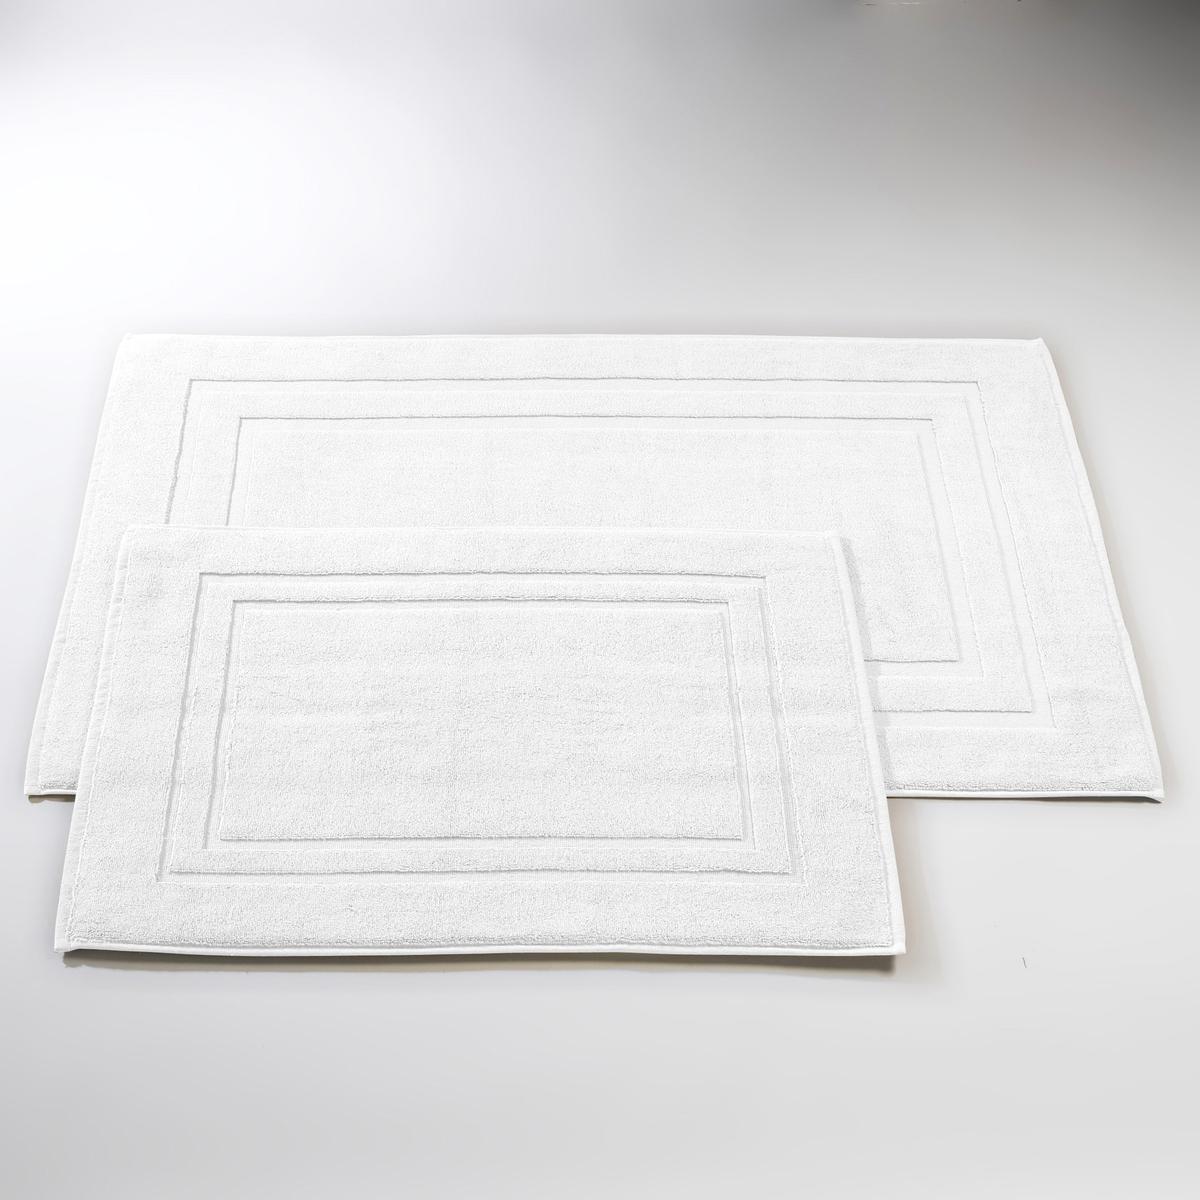 Коврик для ванной, 1100 г/м?, качество BestКоврик для ванной качества BEST : удивительное ощущение тепла под ногами... Короткий и мягкий ворс, невероятная впитывающая способность и гамма изысканных расцветок .Есть модель в форме умывальника, 40 x 50 см, 50 x 70 см, 60 x 60 см, 60 x 100 см Характеристики коврика для ванной:- Махровая ткань 100% хлопка, супер густая и впитывающая (1100 г/м?).Машинная стирка при 60 °С.Производство осуществляется с учетом стандартов по защите окружающей среды и здоровья человека, что подтверждено сертификатом Oeko-tex®.<br><br>Цвет: бежевый,белый,гранатовый,зелено-синий,зеленый мох,розовая пудра,светло-серый,светло-синий,Серо-синий,синий морской,темно-серый,фиолетовый,шафран<br>Размер: 50 x 70  см.50 x 70  см.60 x 60  см